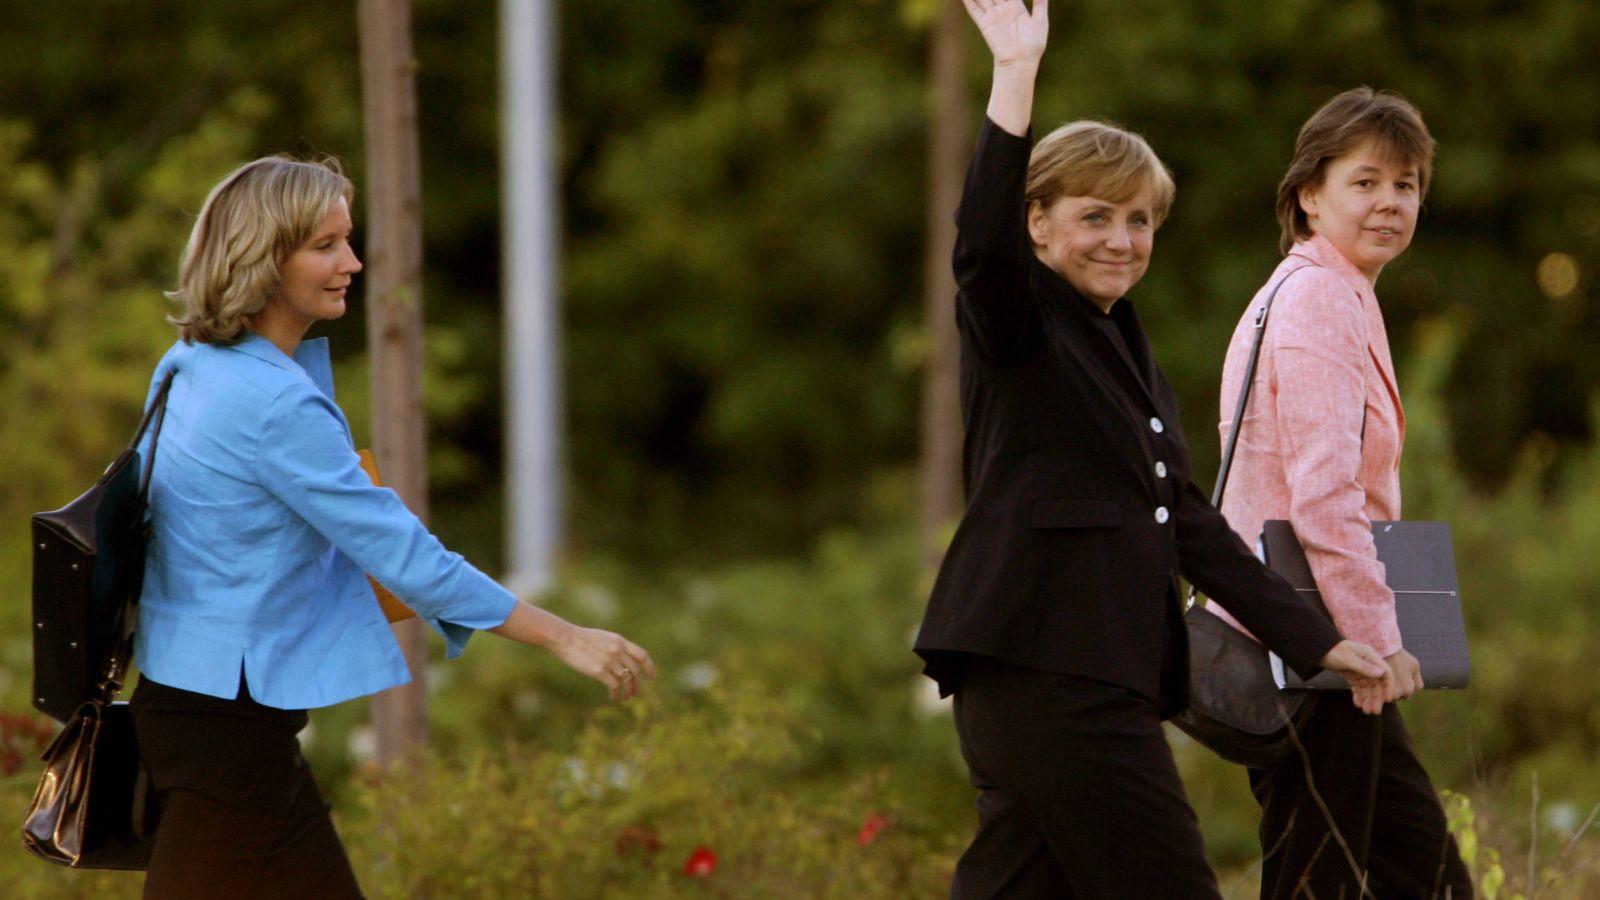 Foto: Angela Merkel junto a su asesora Beate Baumann (derecha) y su portavoz Eva Christiansen (izquierda), en 2005. (Reuters)